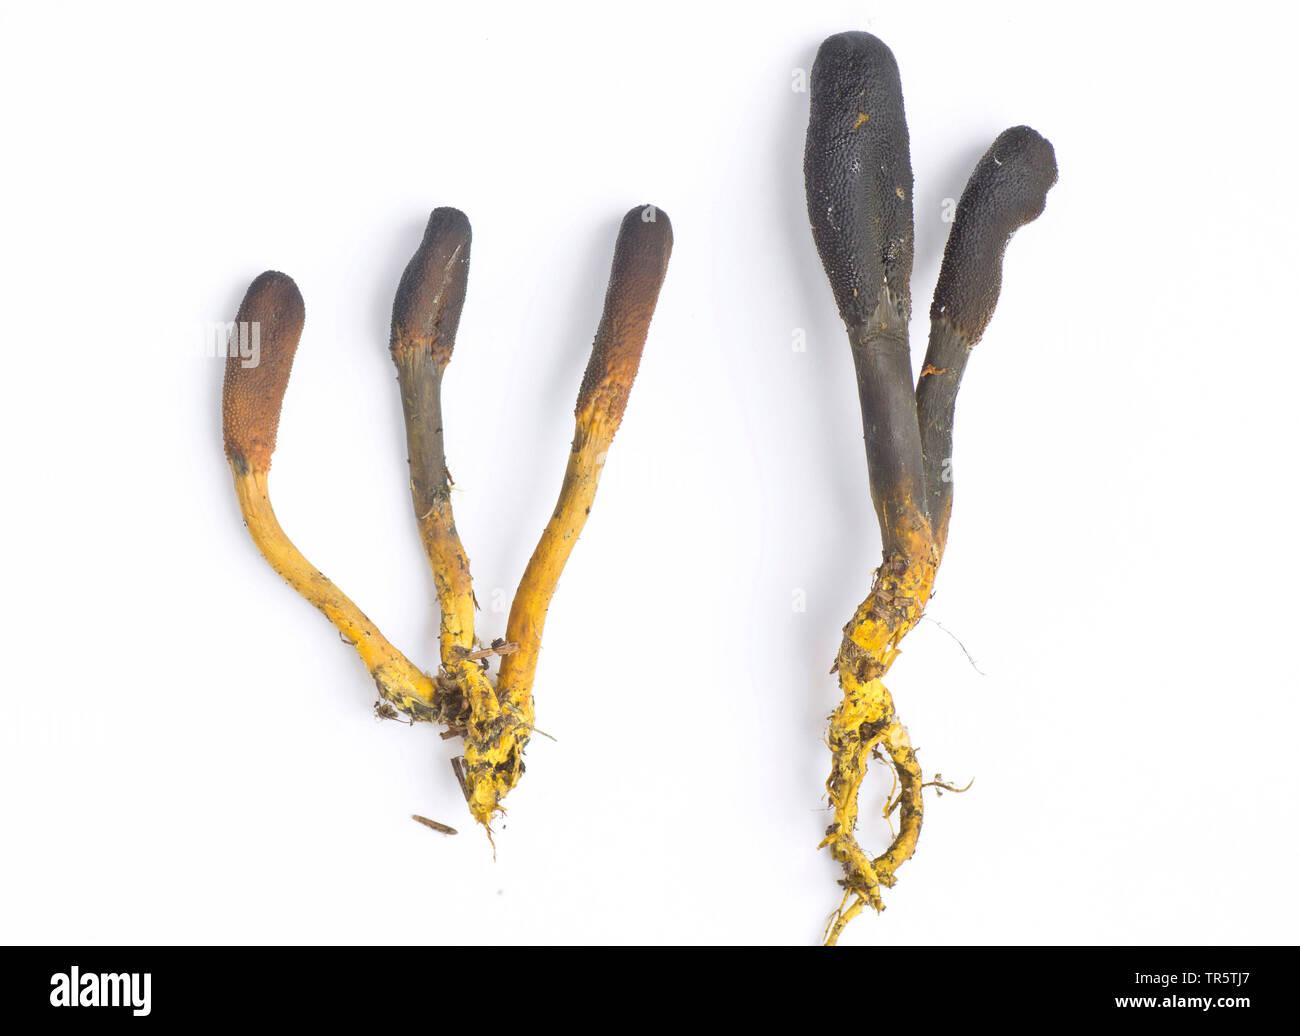 Erdzunge, Geoglossum (Geoglossum spec.), Fruchtkoerper, Freisteller, Deutschland, Bayern, Oberbayern | earthtongue (Geoglossum spec.), fruiting bodies - Stock Image